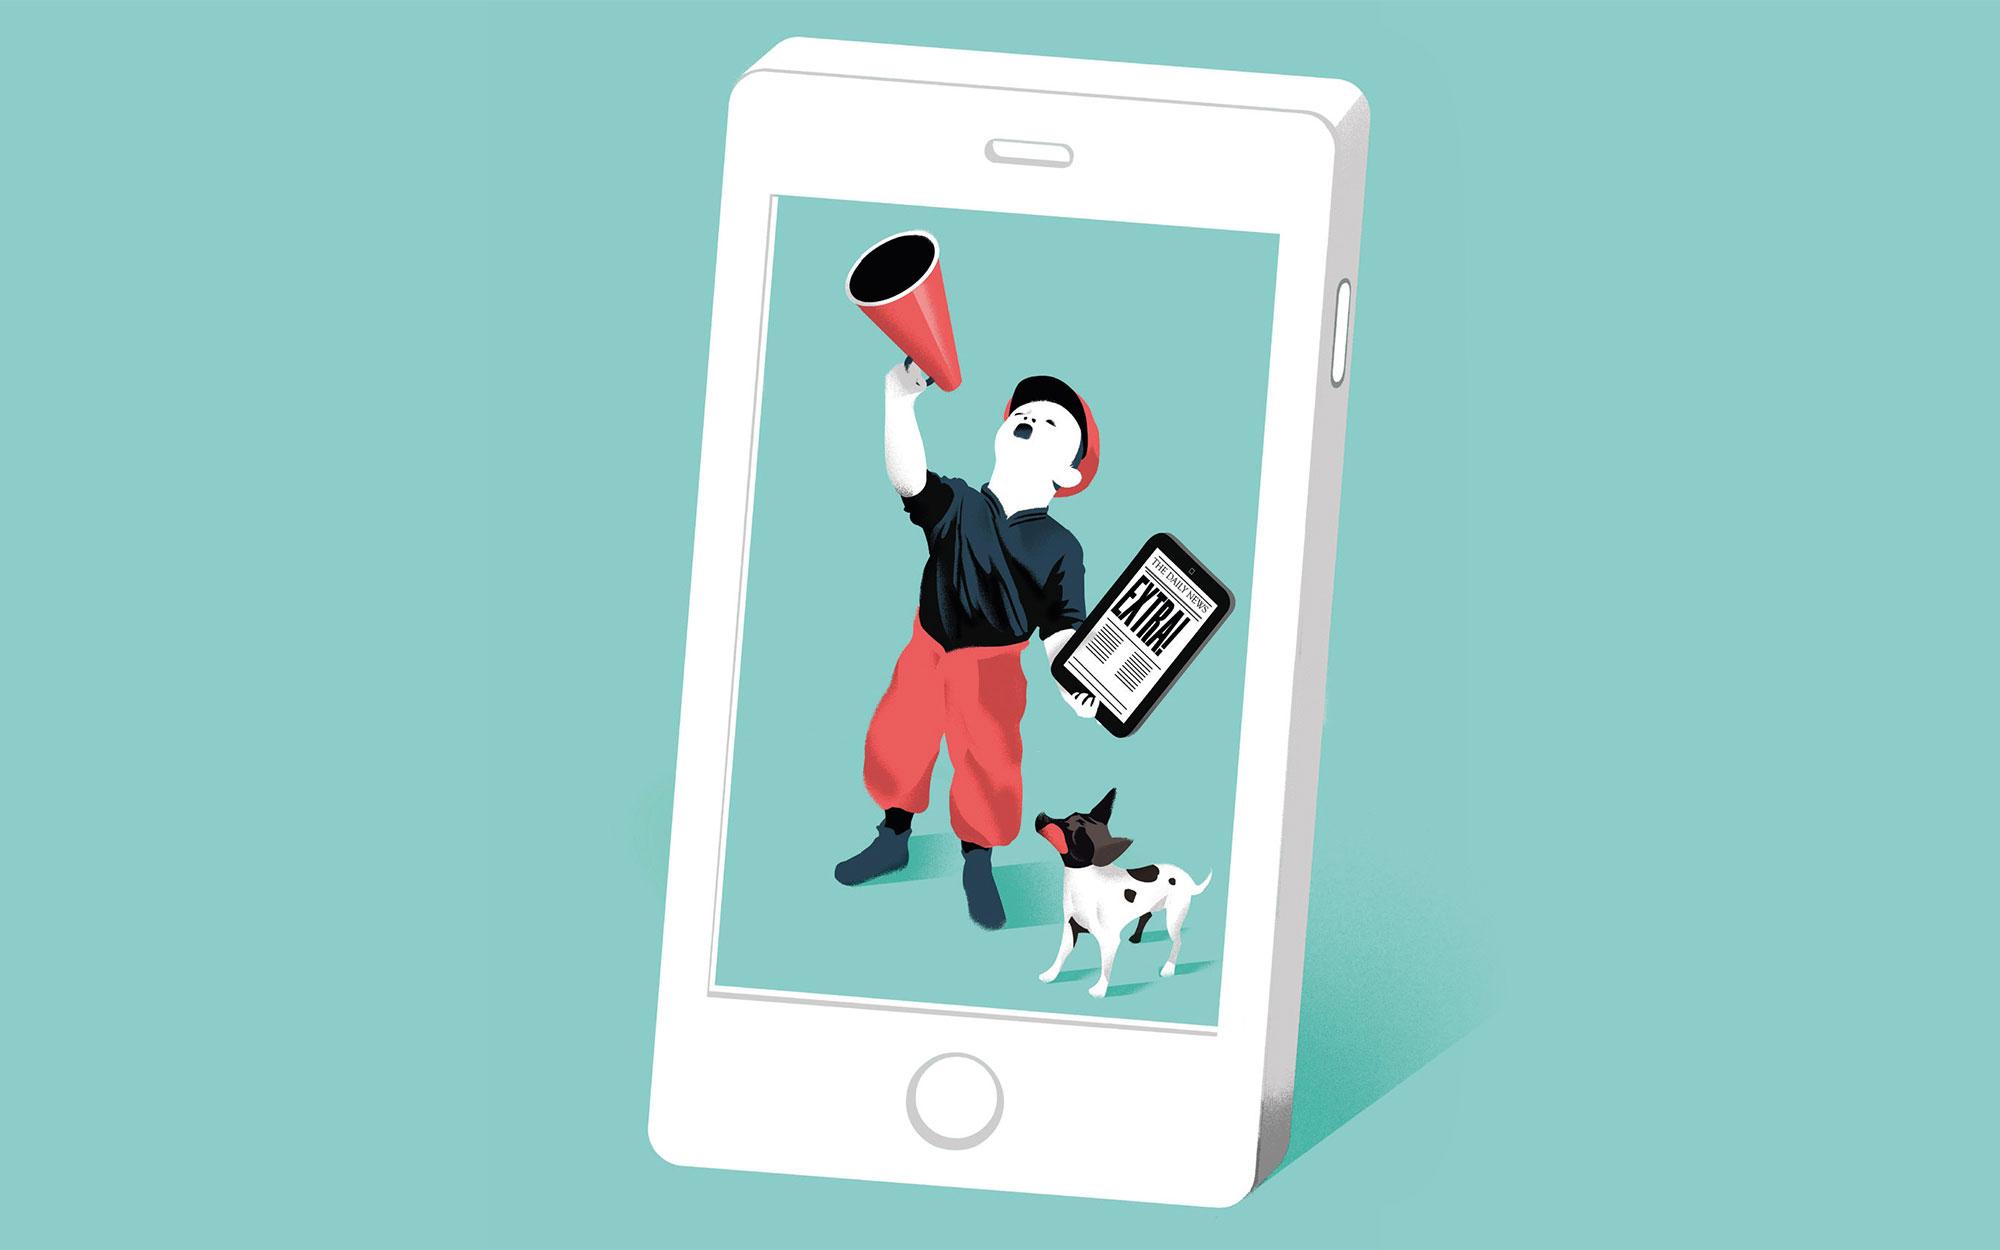 Los móviles como el nuevo papel de las noticias | Telos Fundación Teléfonica